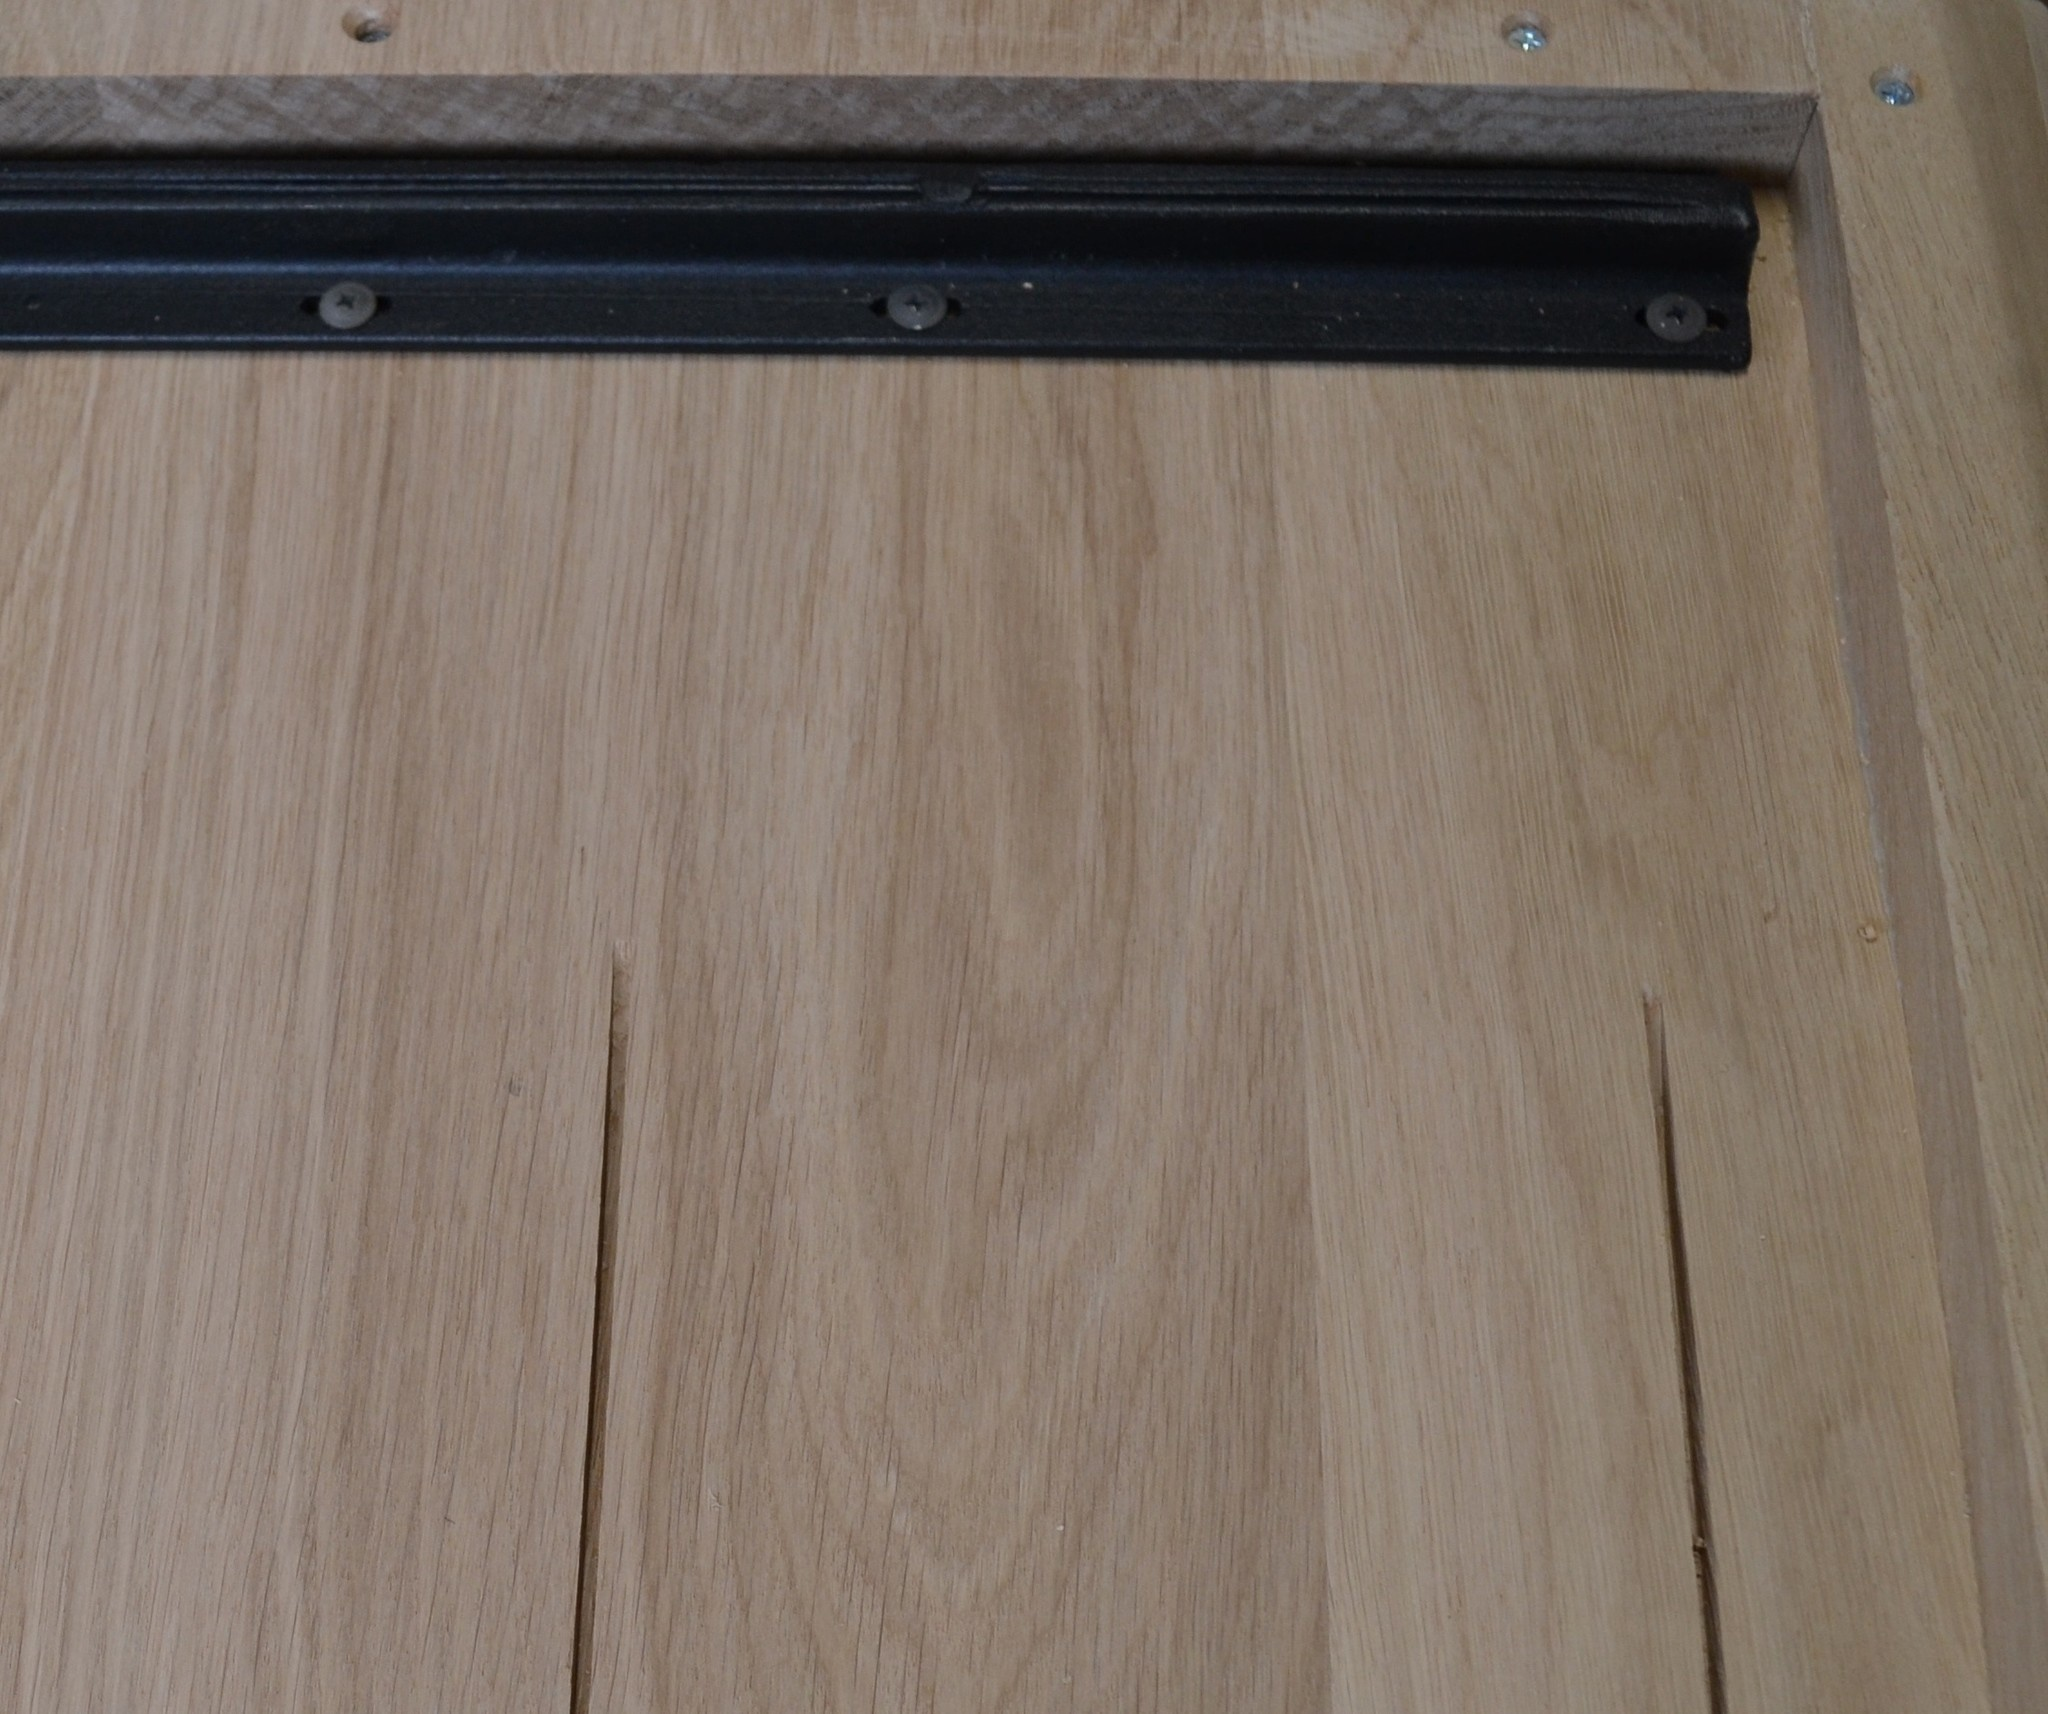 Tischplatte Wildeiche - eckig - 3 cm dick - mit Schweizer Kante - Asteiche (rustikal) - mit abgeschrägten Kanten - Eiche Tischplatte eckig massiv - Verleimt & künstlich getrocknet (HF 8-12%)